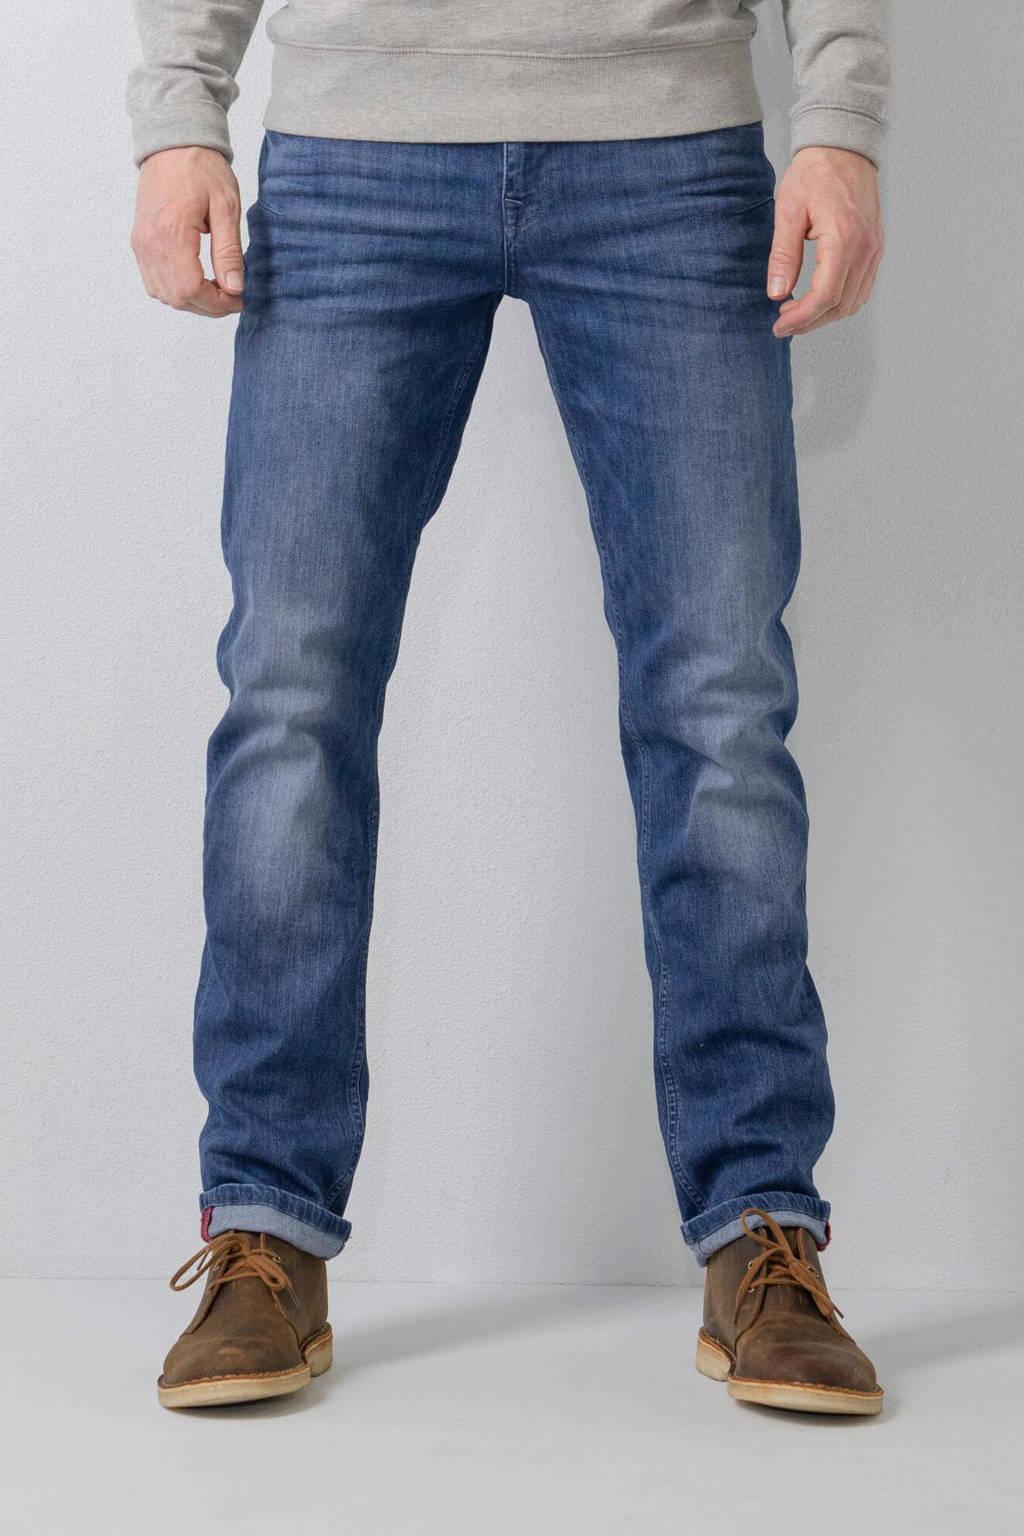 Petrol Industries slim fit jeans SEAHAM-TRACKER 5856 medium vintage, 5856 Medium vintage